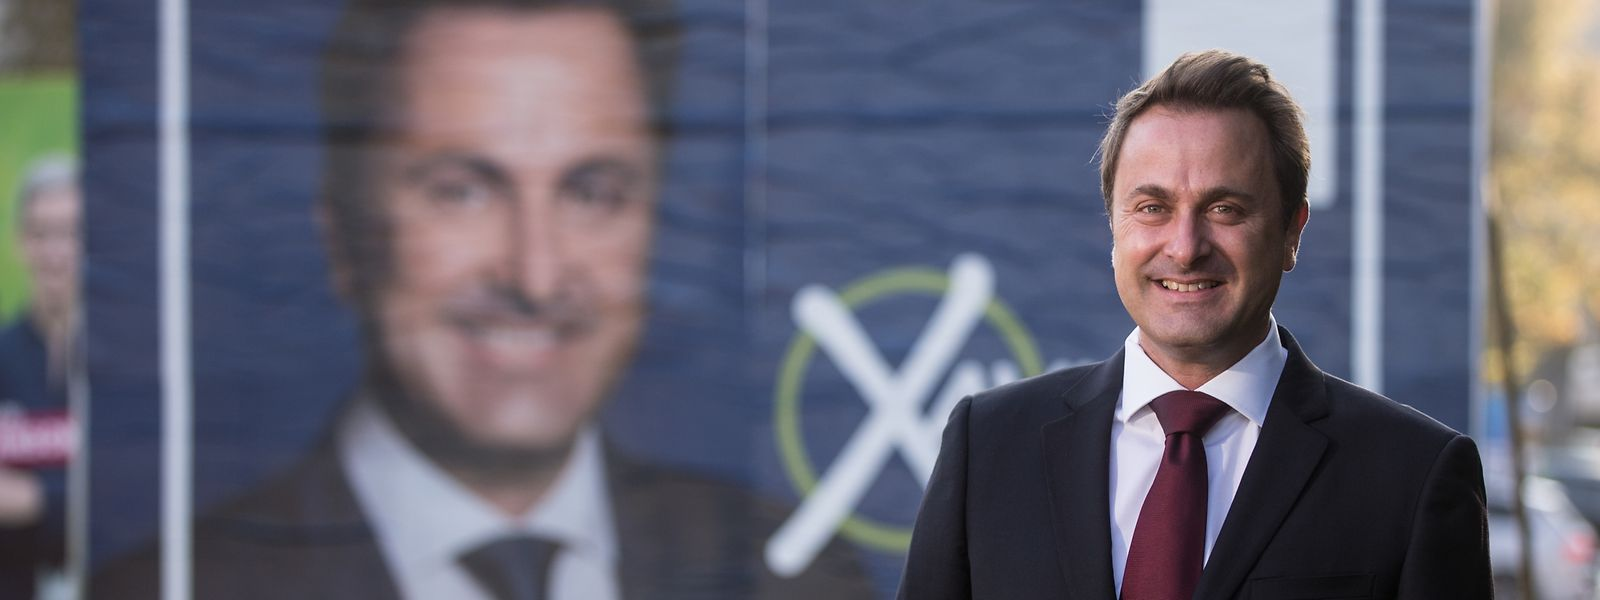 Premierminister Xavier Bettel will weitermachen. In der Schlussphase des Wahlkampfes setzt seine Partei daher ganz gezielt auf die große Popularität des 45-jährigen DP-Spitzenkandidaten.